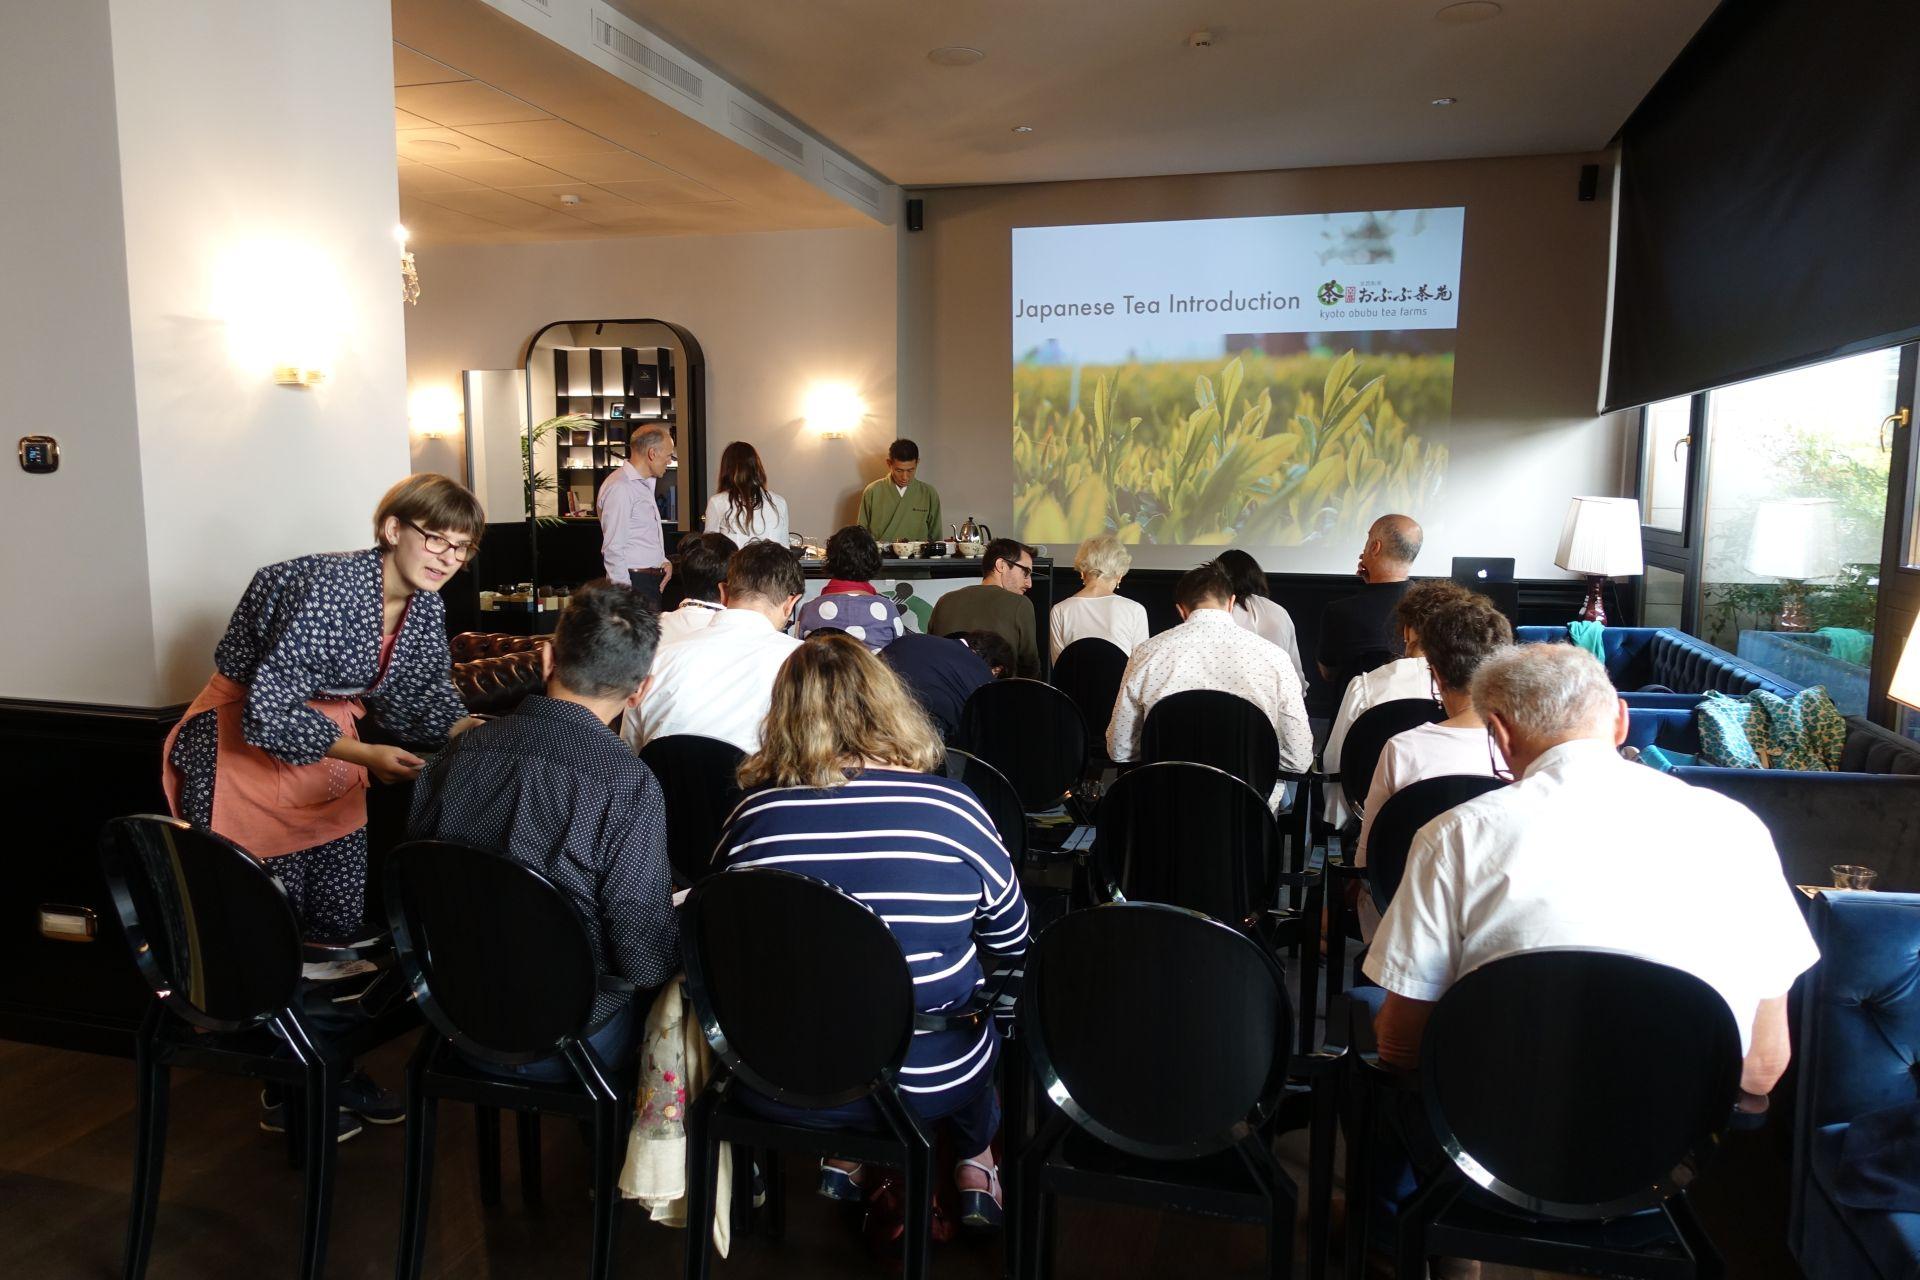 日本茶セミナー in ミラノ 日本茶普及海外ツアー・欧州遠征2018